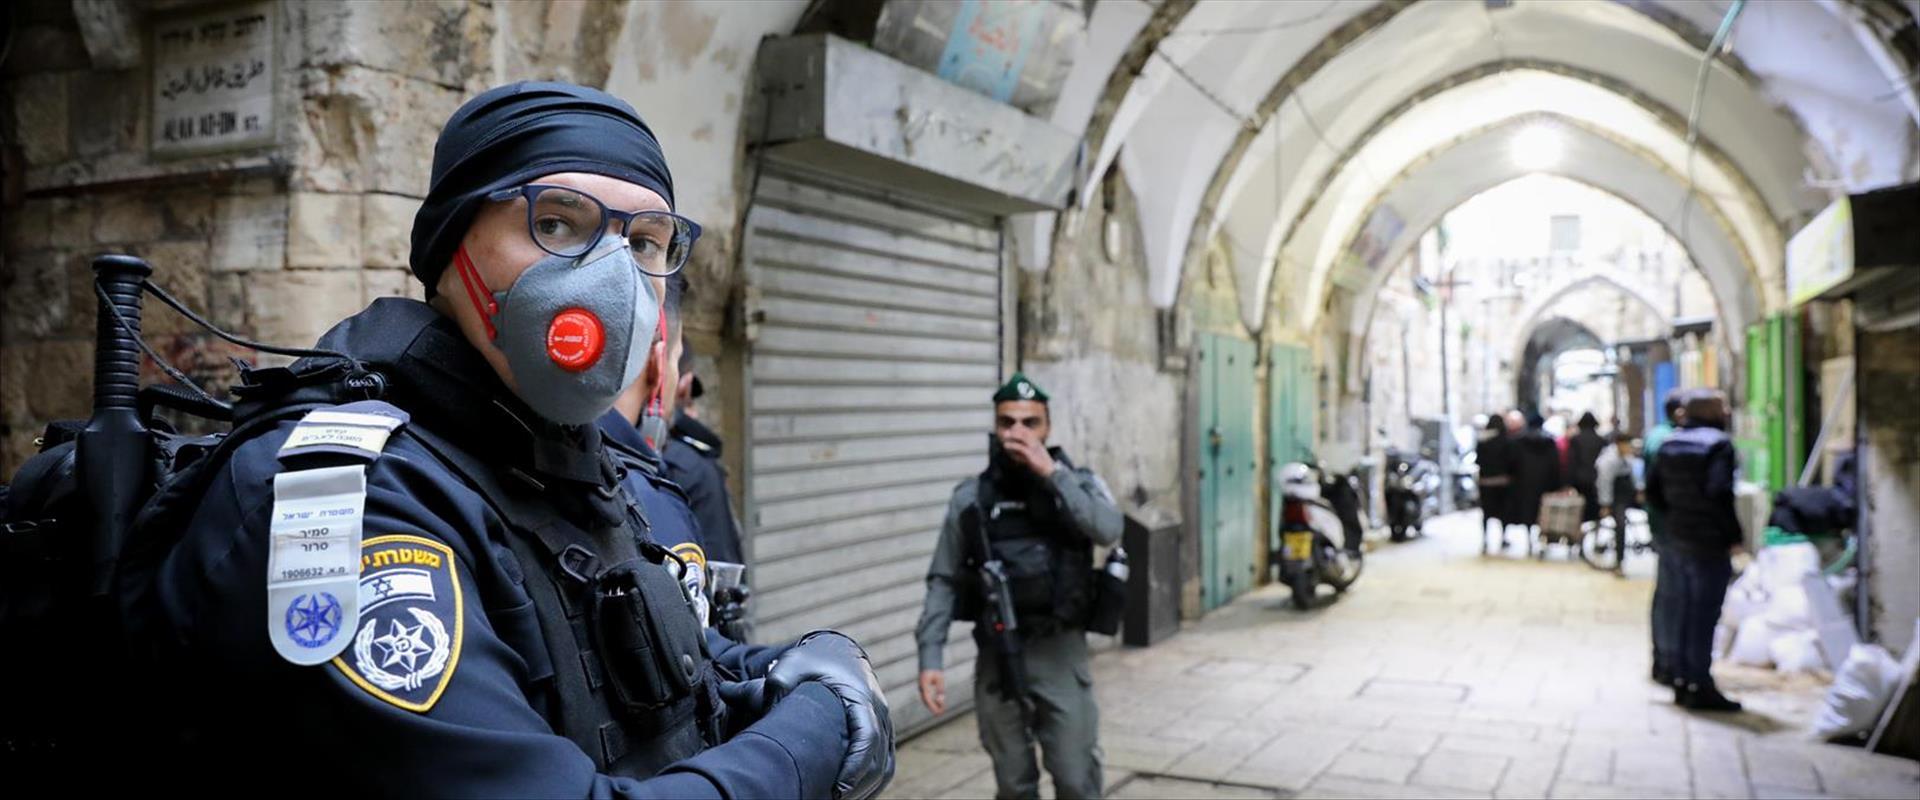 משטרה וקורונה